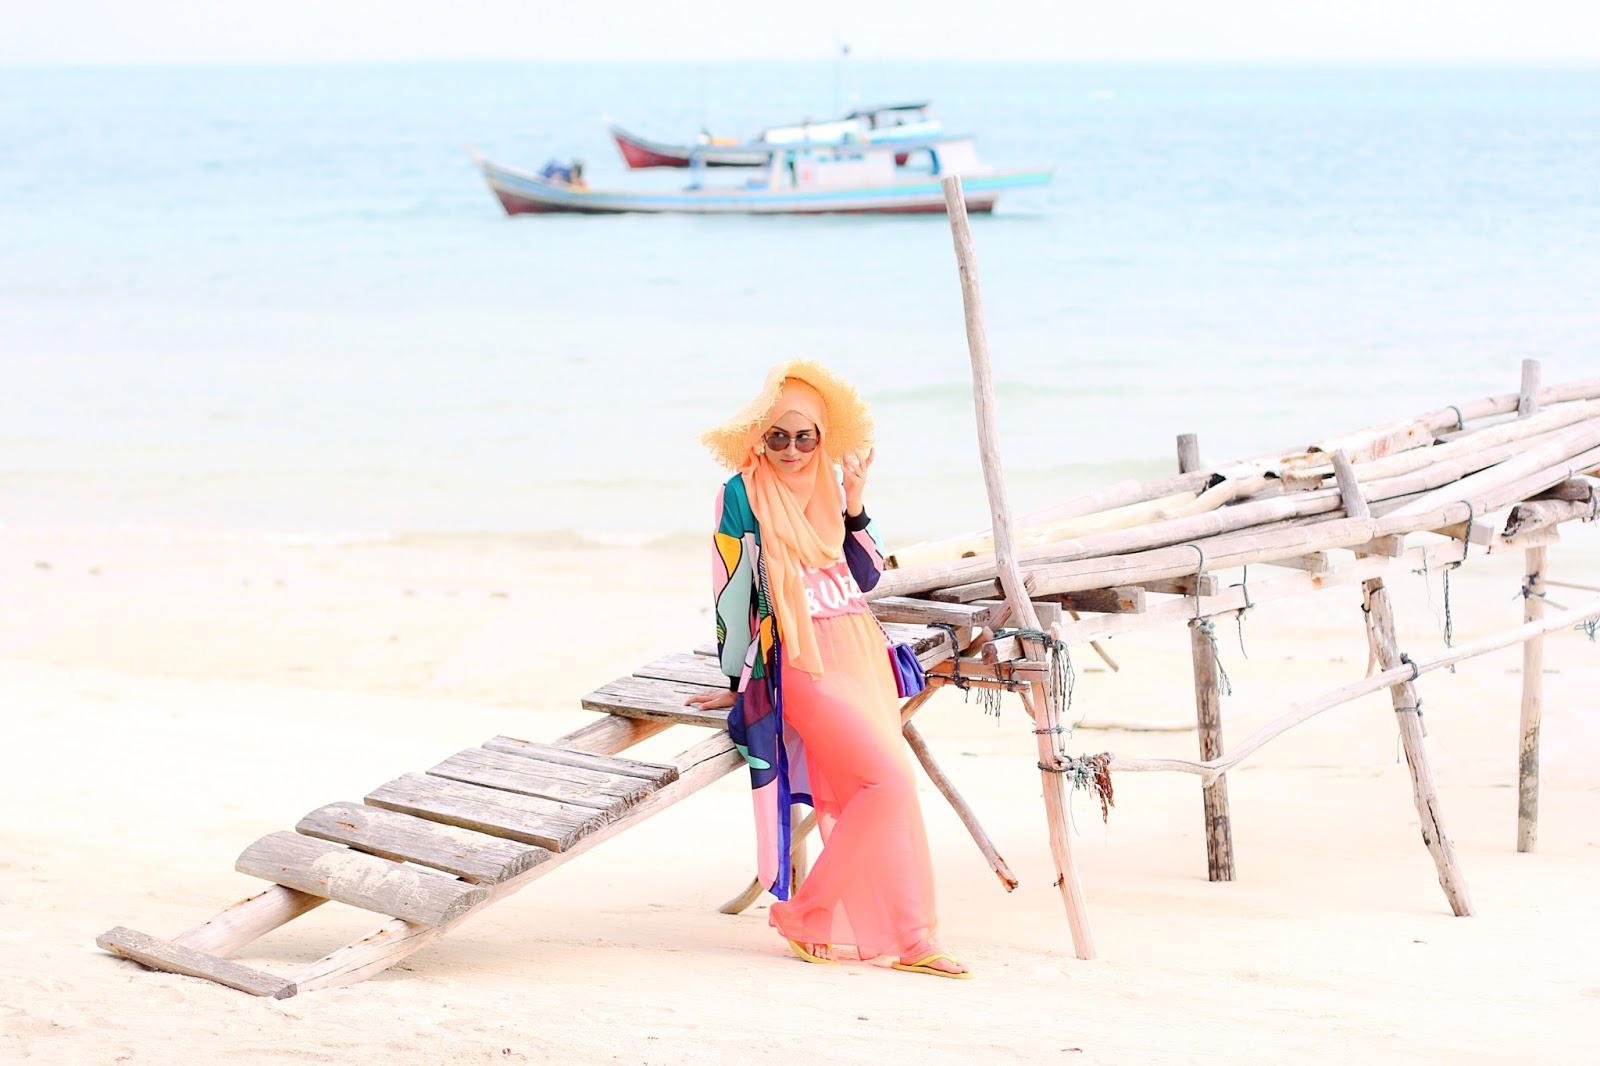 Gaya foto di Pantai Manfaatkan Dermaga Buatan cewek manis dan seksi